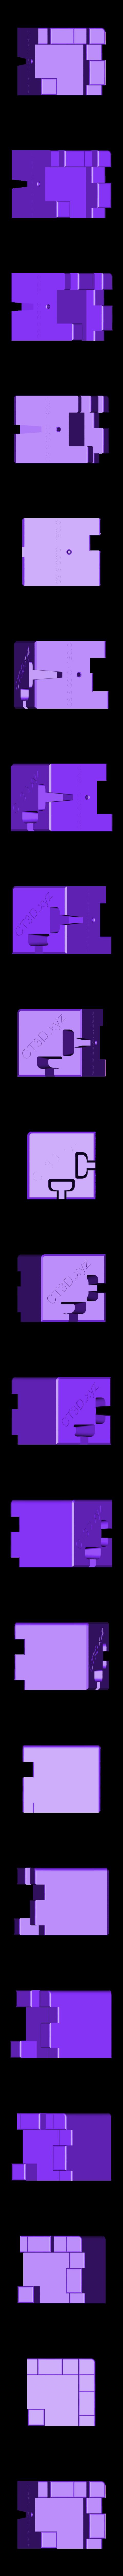 Wall_Corner_Small_(Modular Castle Playset - 3D-printable)_By_CreativeTools.se.stl Télécharger fichier STL gratuit Plateau modulaire de château (imprimable en 3D) • Modèle à imprimer en 3D, CreativeTools